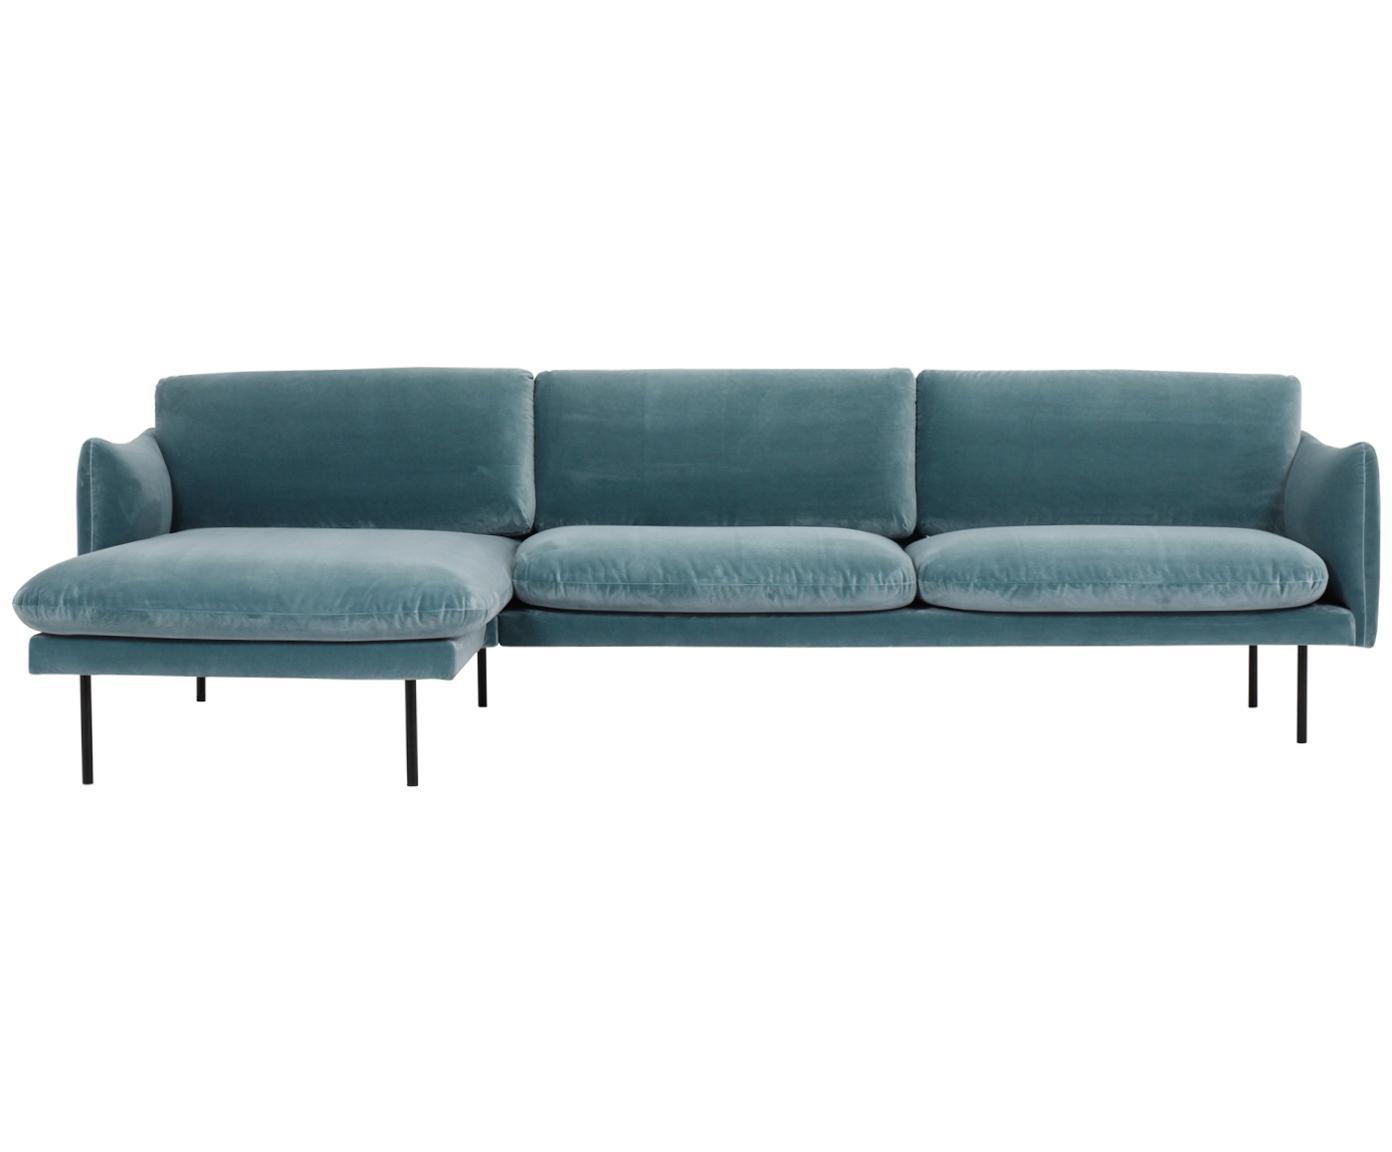 Sofa narożna z aksamitu Moby, Tapicerka: aksamit (wysokiej jakości, Stelaż: lite drewno sosnowe, Nogi: metal malowany proszkowo, Turkusowy, S 280 x G 160 cm